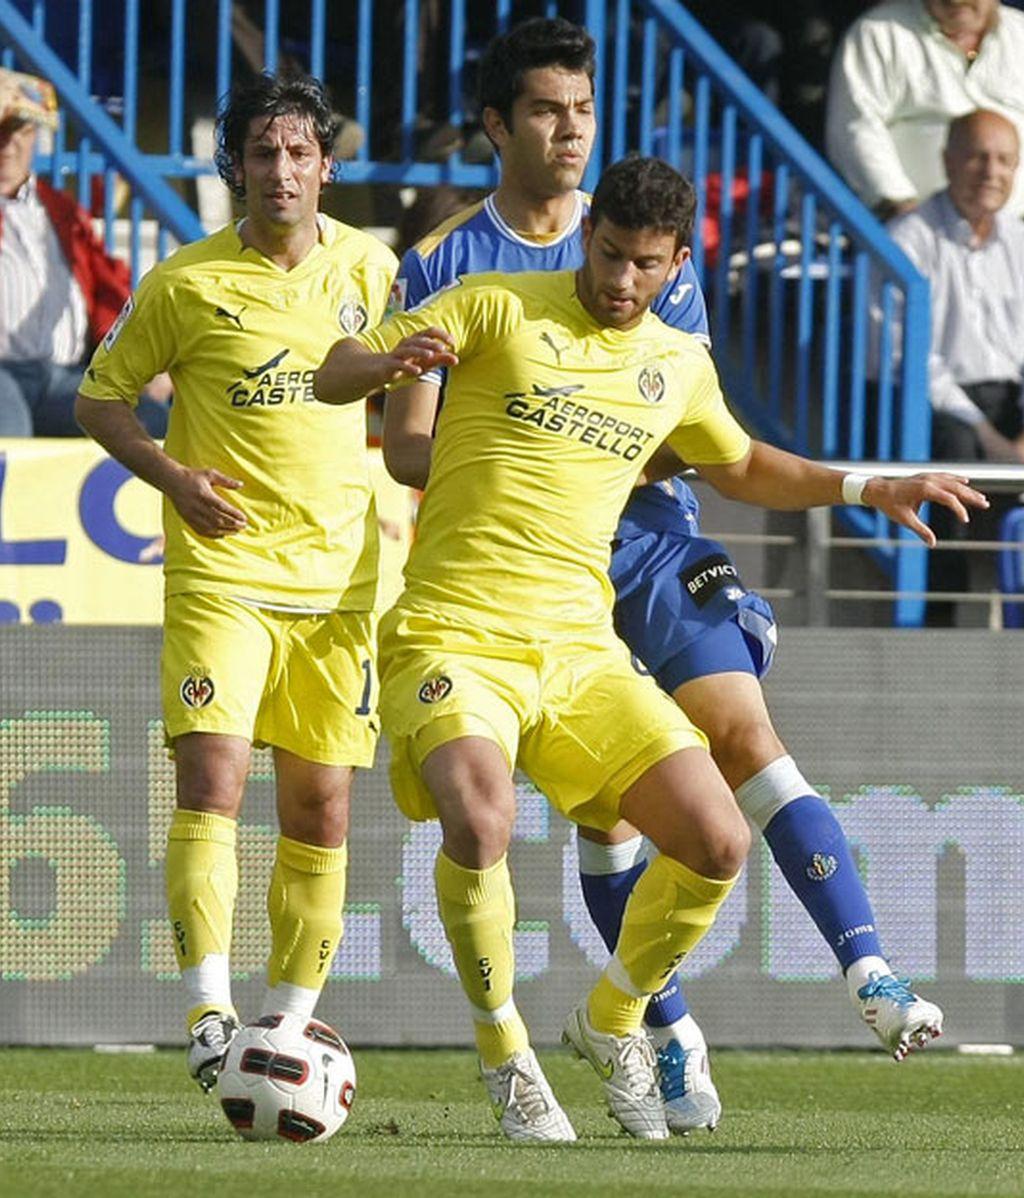 El Villarreal tuvo que emplearse a fondo para remontar ante el Getafe. Foto: EFE